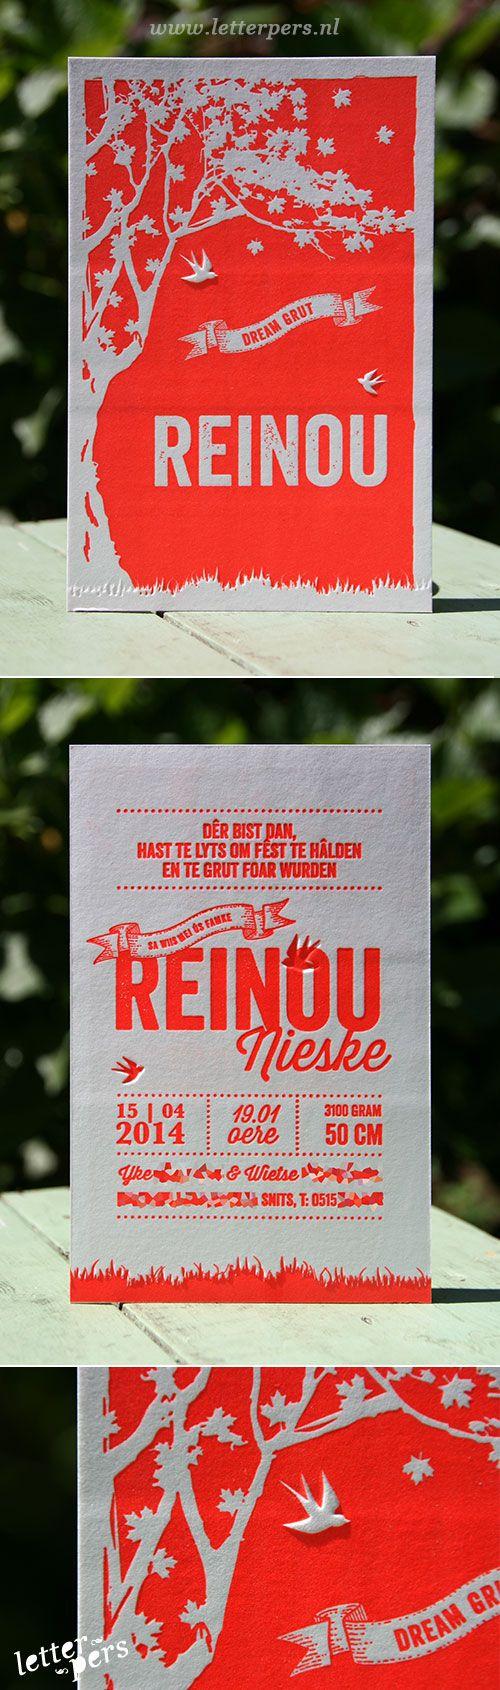 letterpers_letterpress_geboortekaartje_reinou_rood_preeg_zwaluw_typografisch_bijzonder